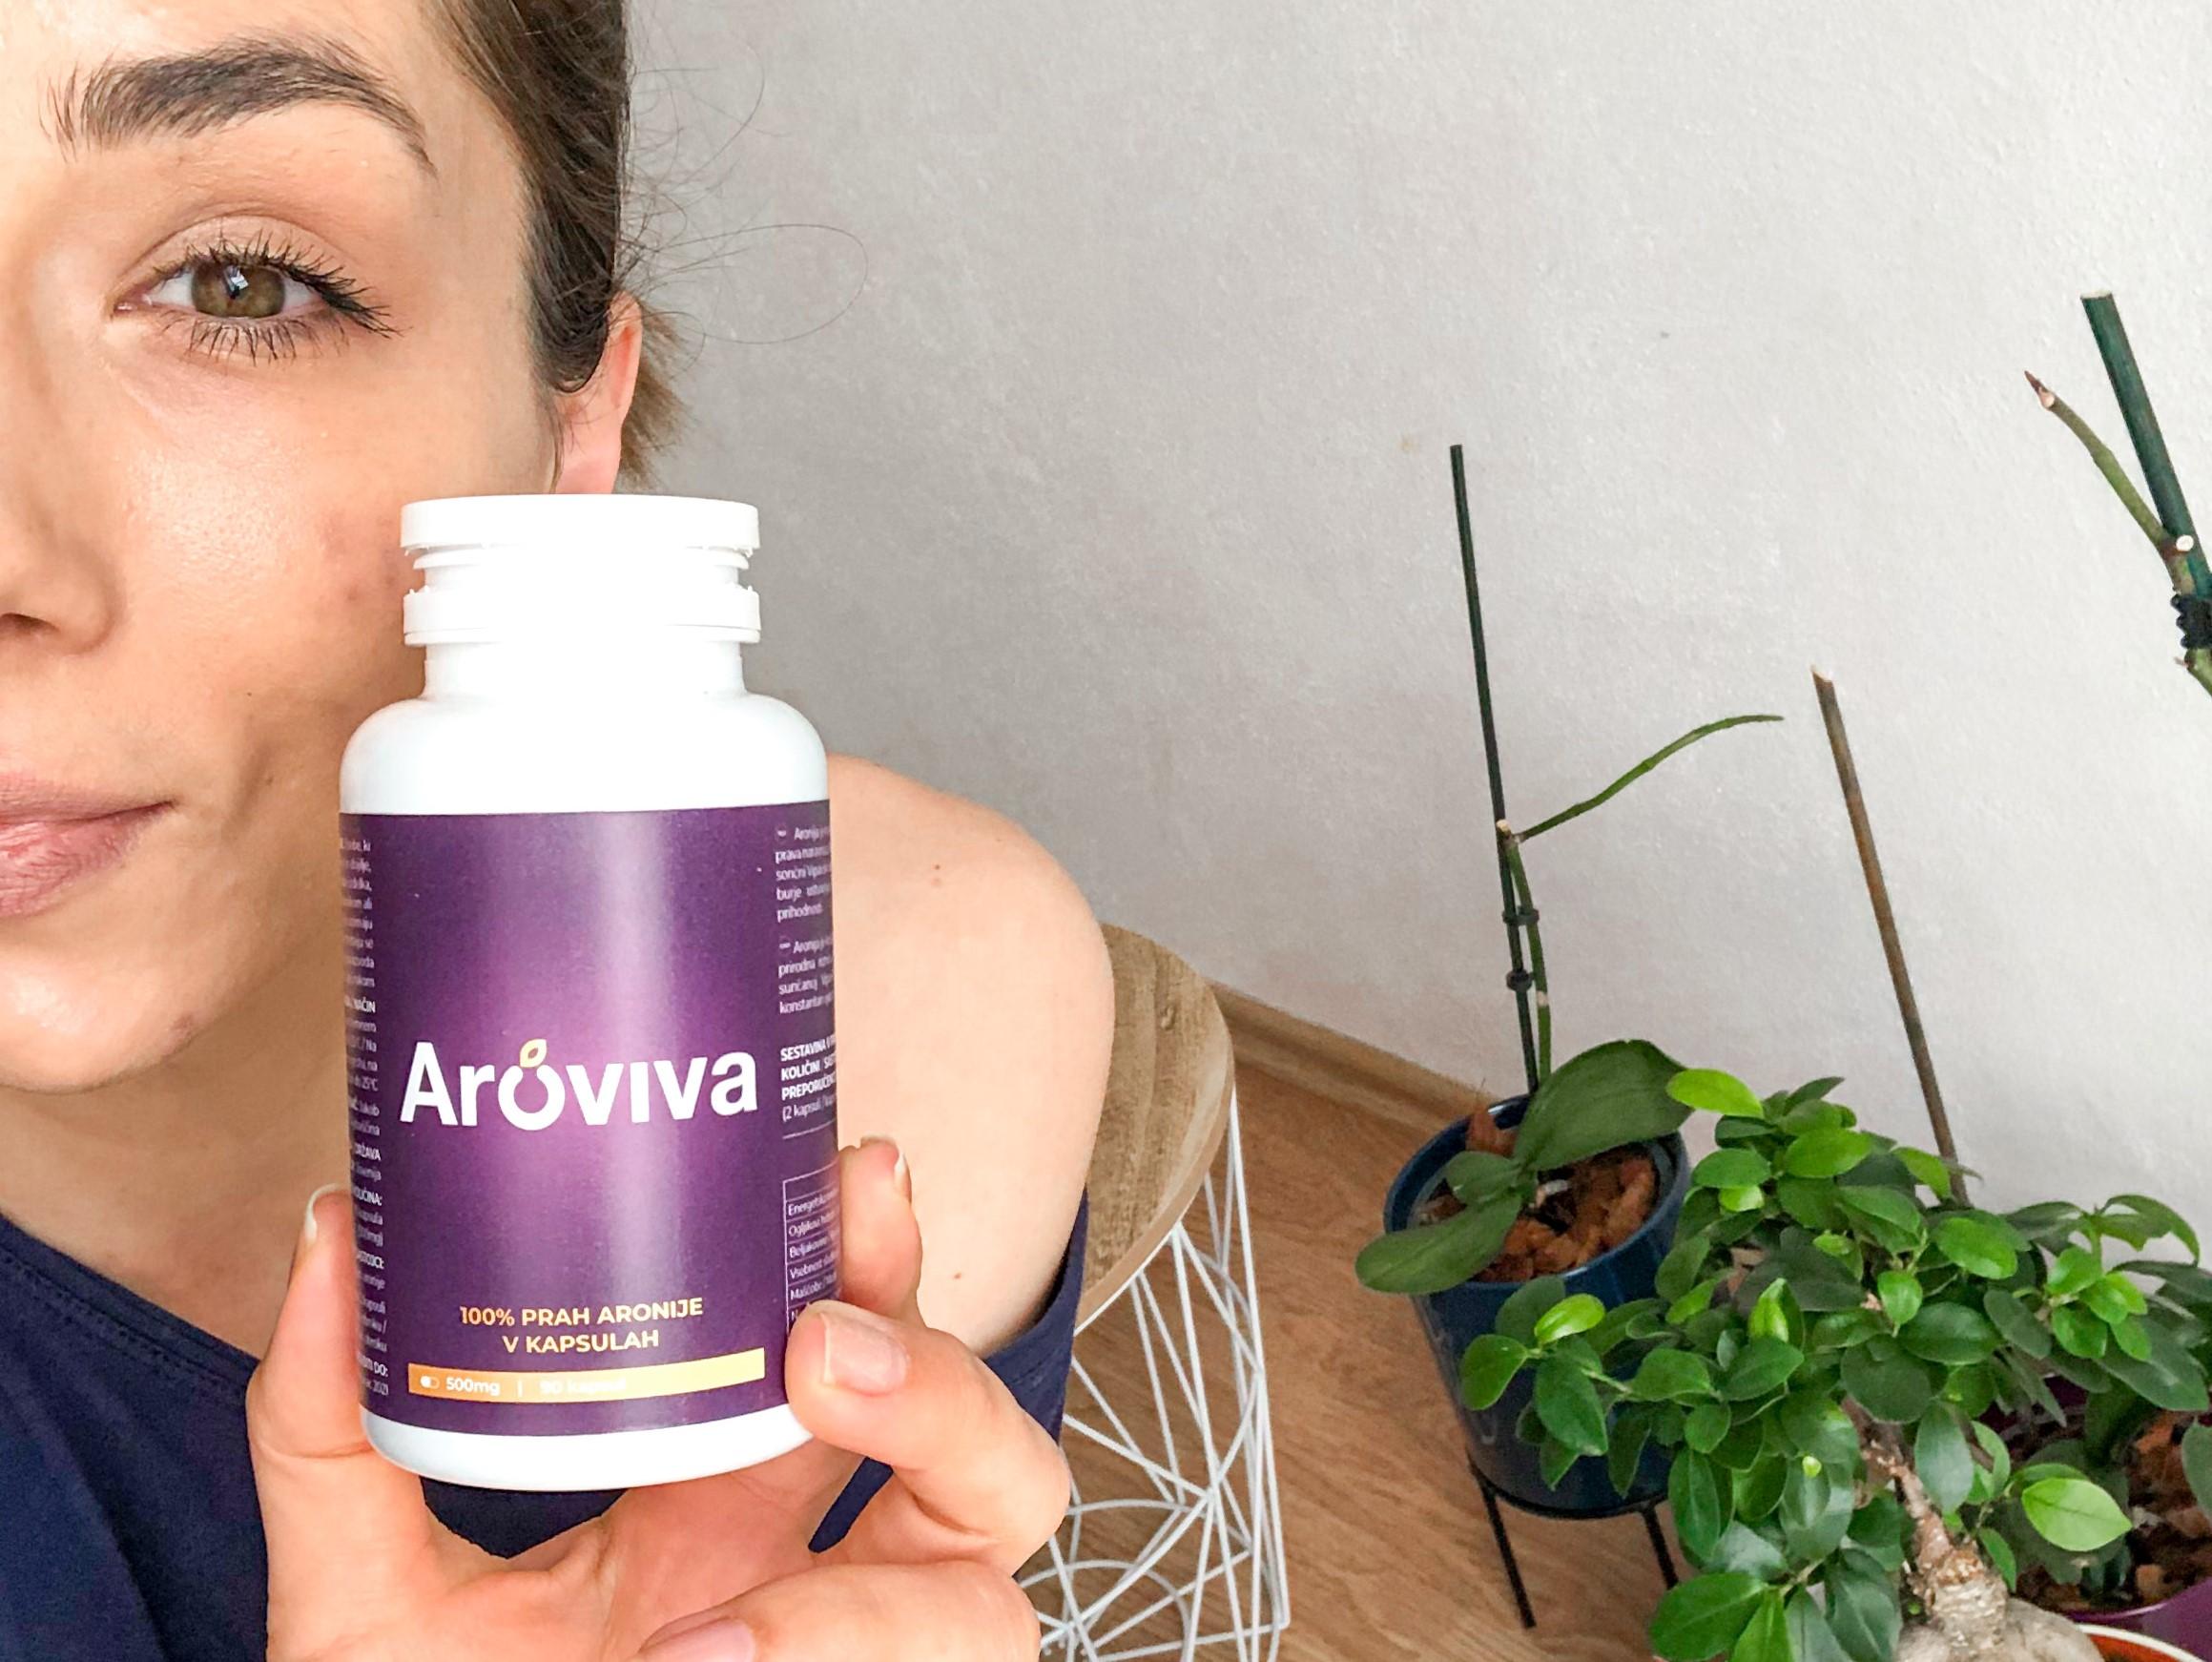 Aroviva.si | aronija iz Vipavske doline z pozitvnimi učinki